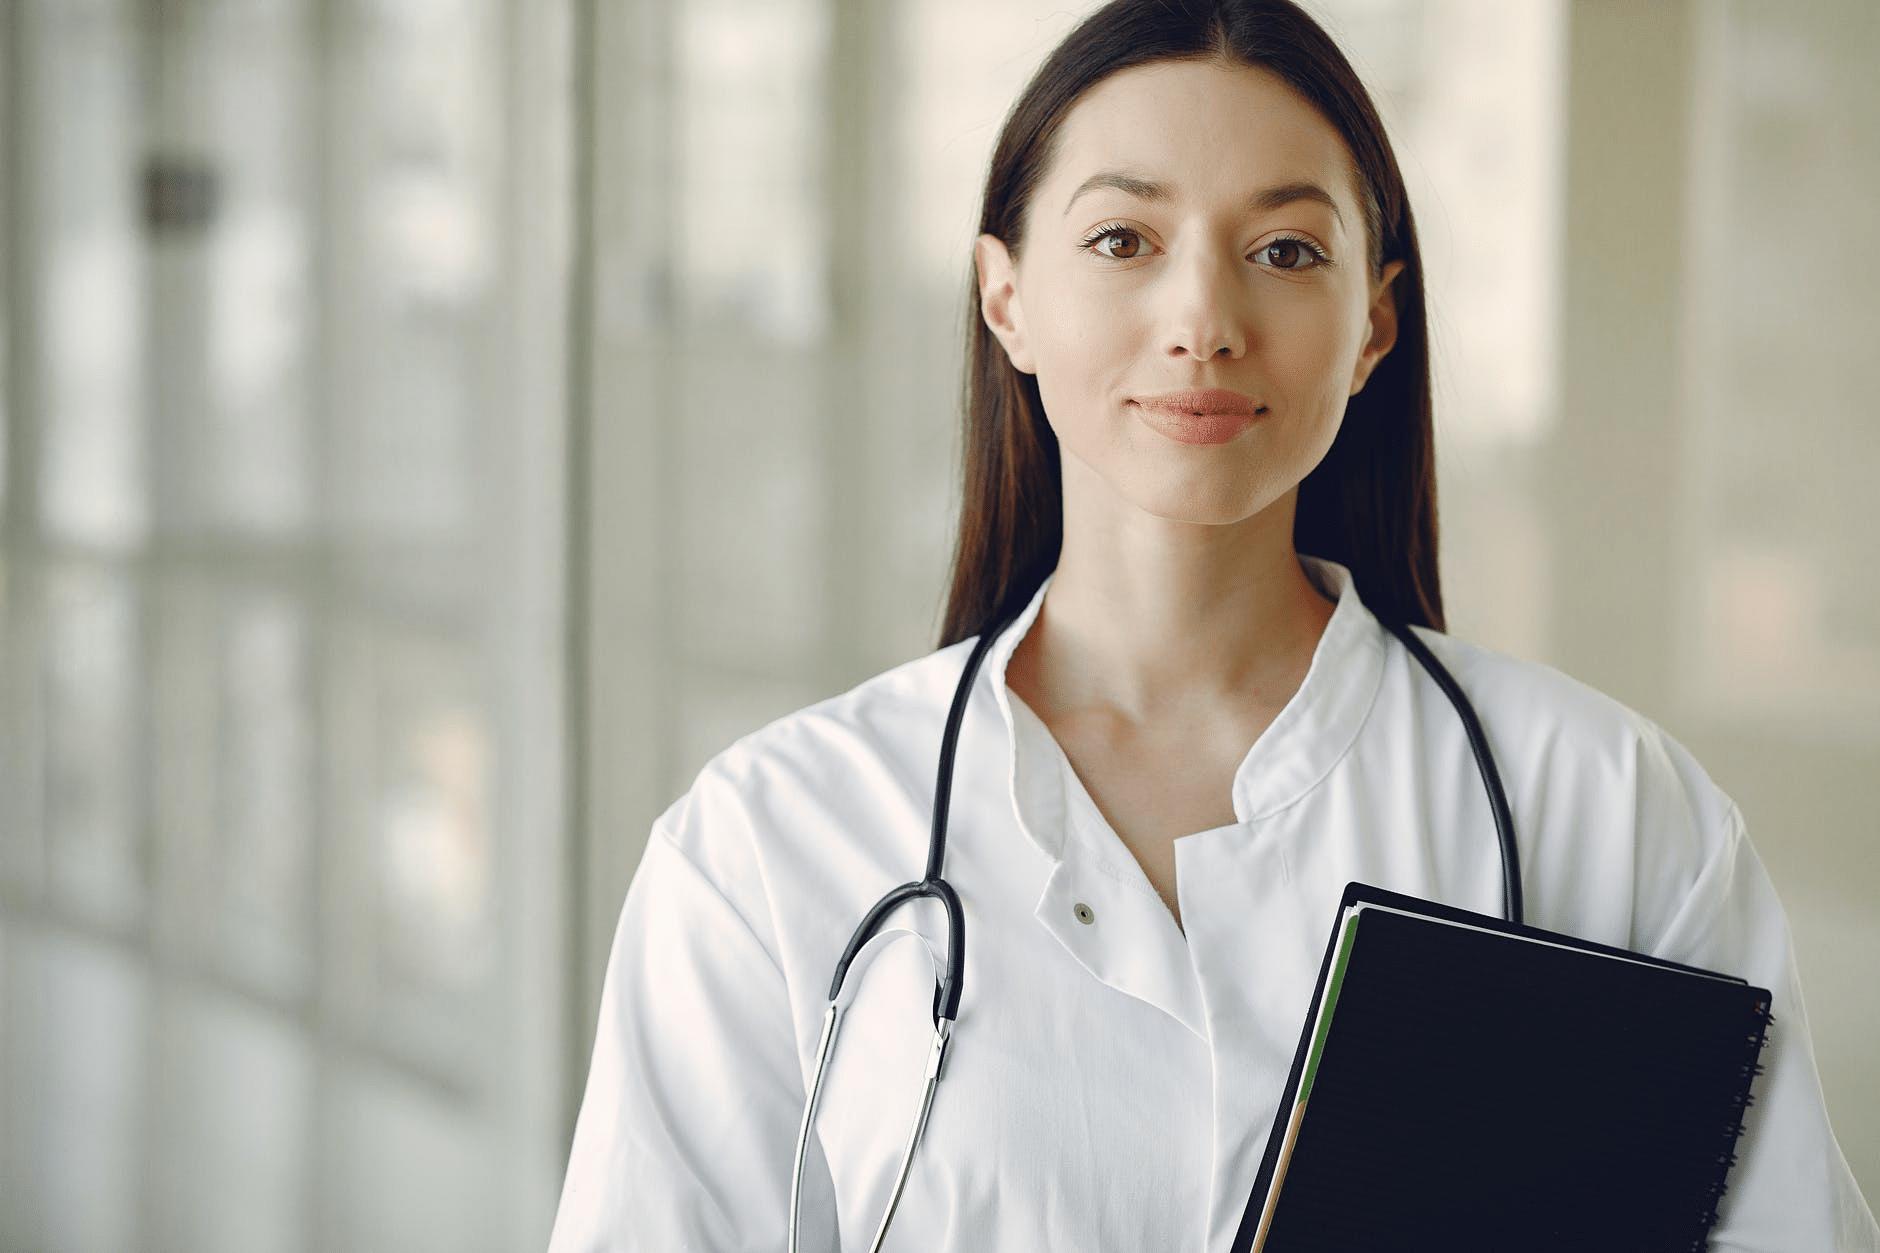 Medicinski stručnjak u klinici za lečenje zavisnosti.